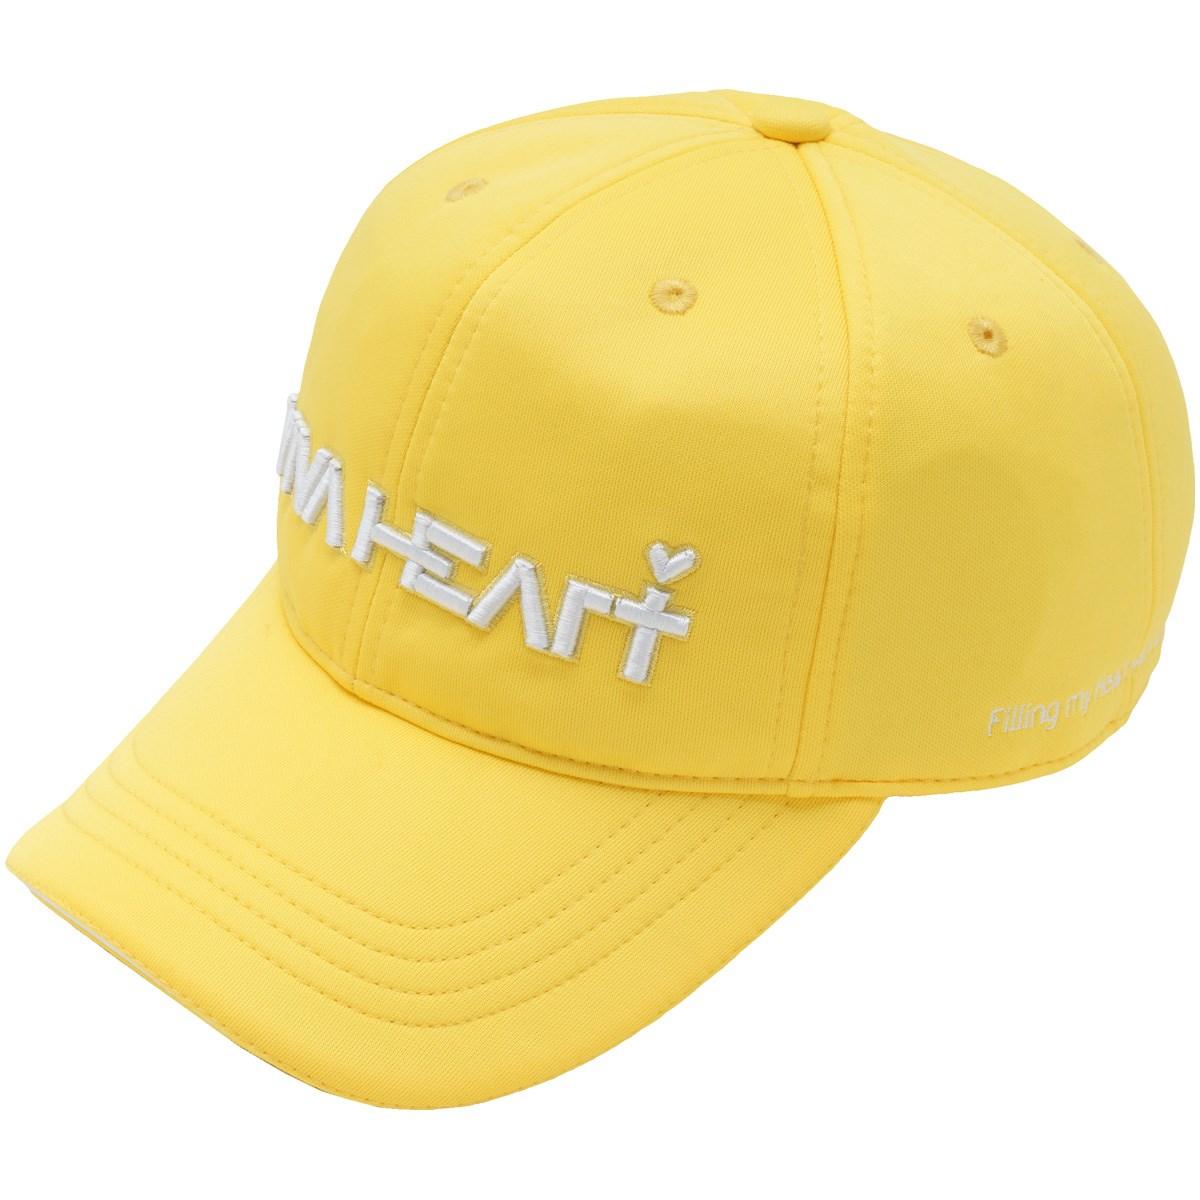 ビバハート VIVA HEART ダンボール ラウンディッシュキャップ フリー イエロー 33 レディス